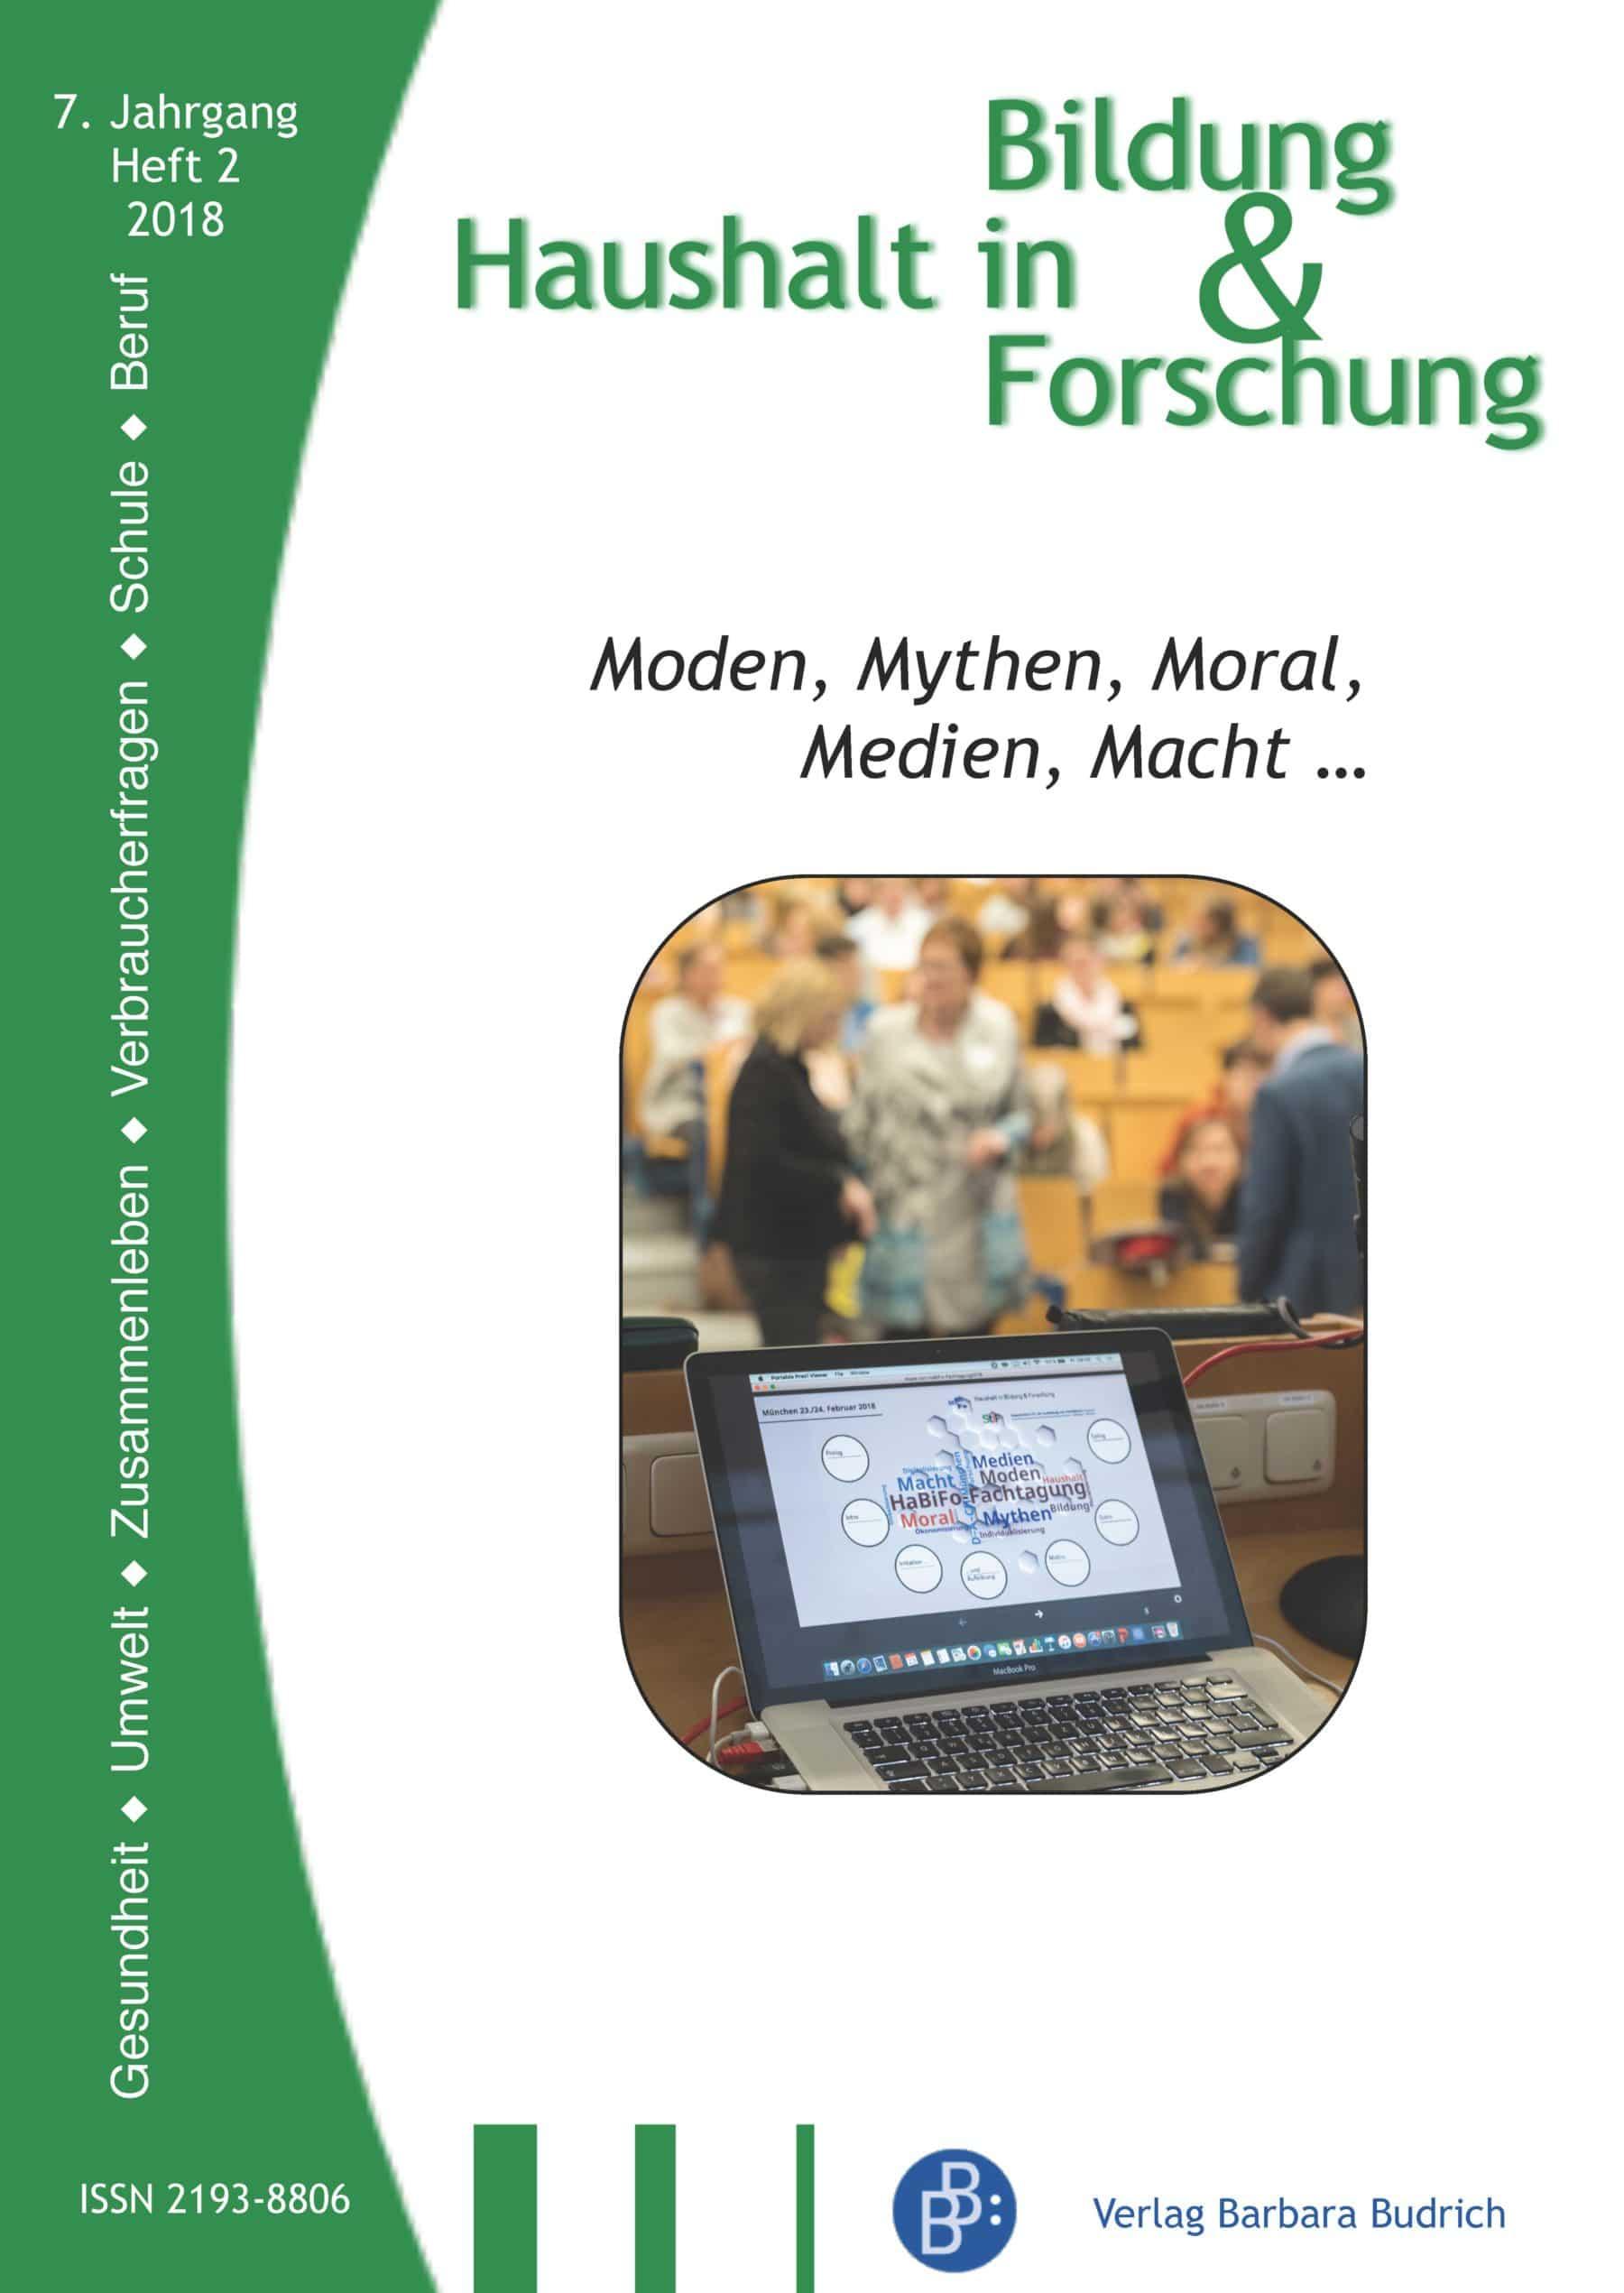 HiBiFo – Haushalt in Bildung & Forschung 2-2018: Moden, Mythen, Moral, Medien, Macht...